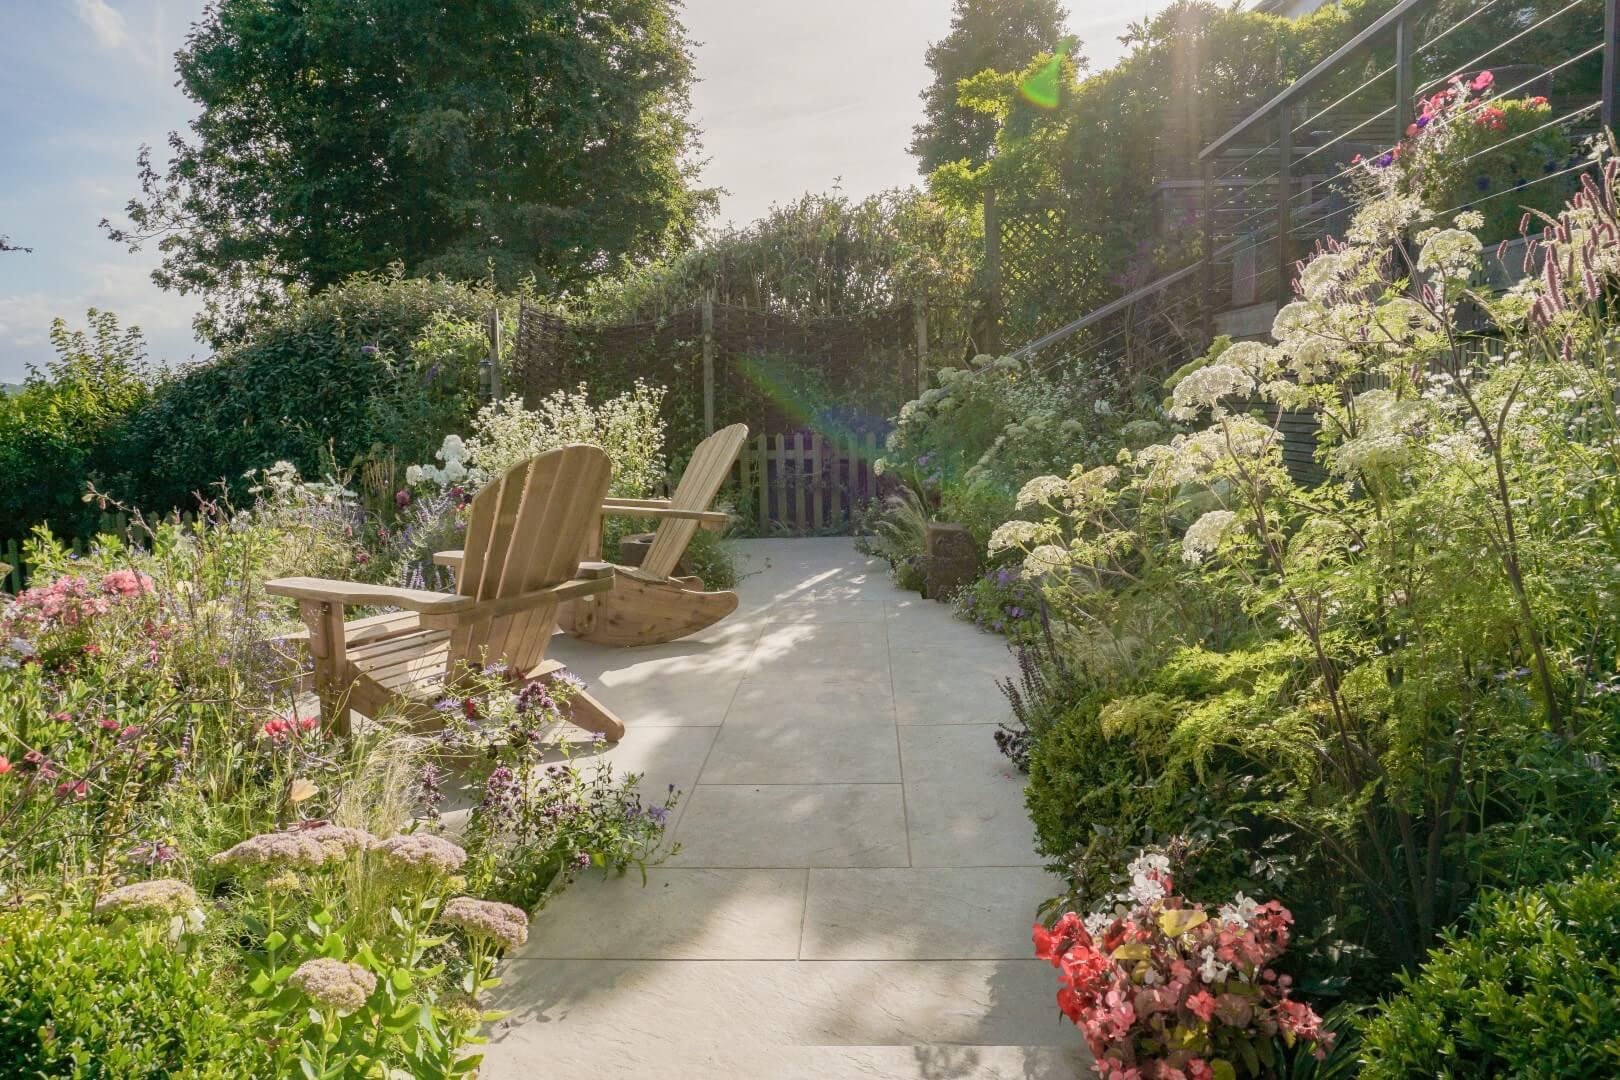 Artisan Landscapes Bristol - Garden Design and Build for ...